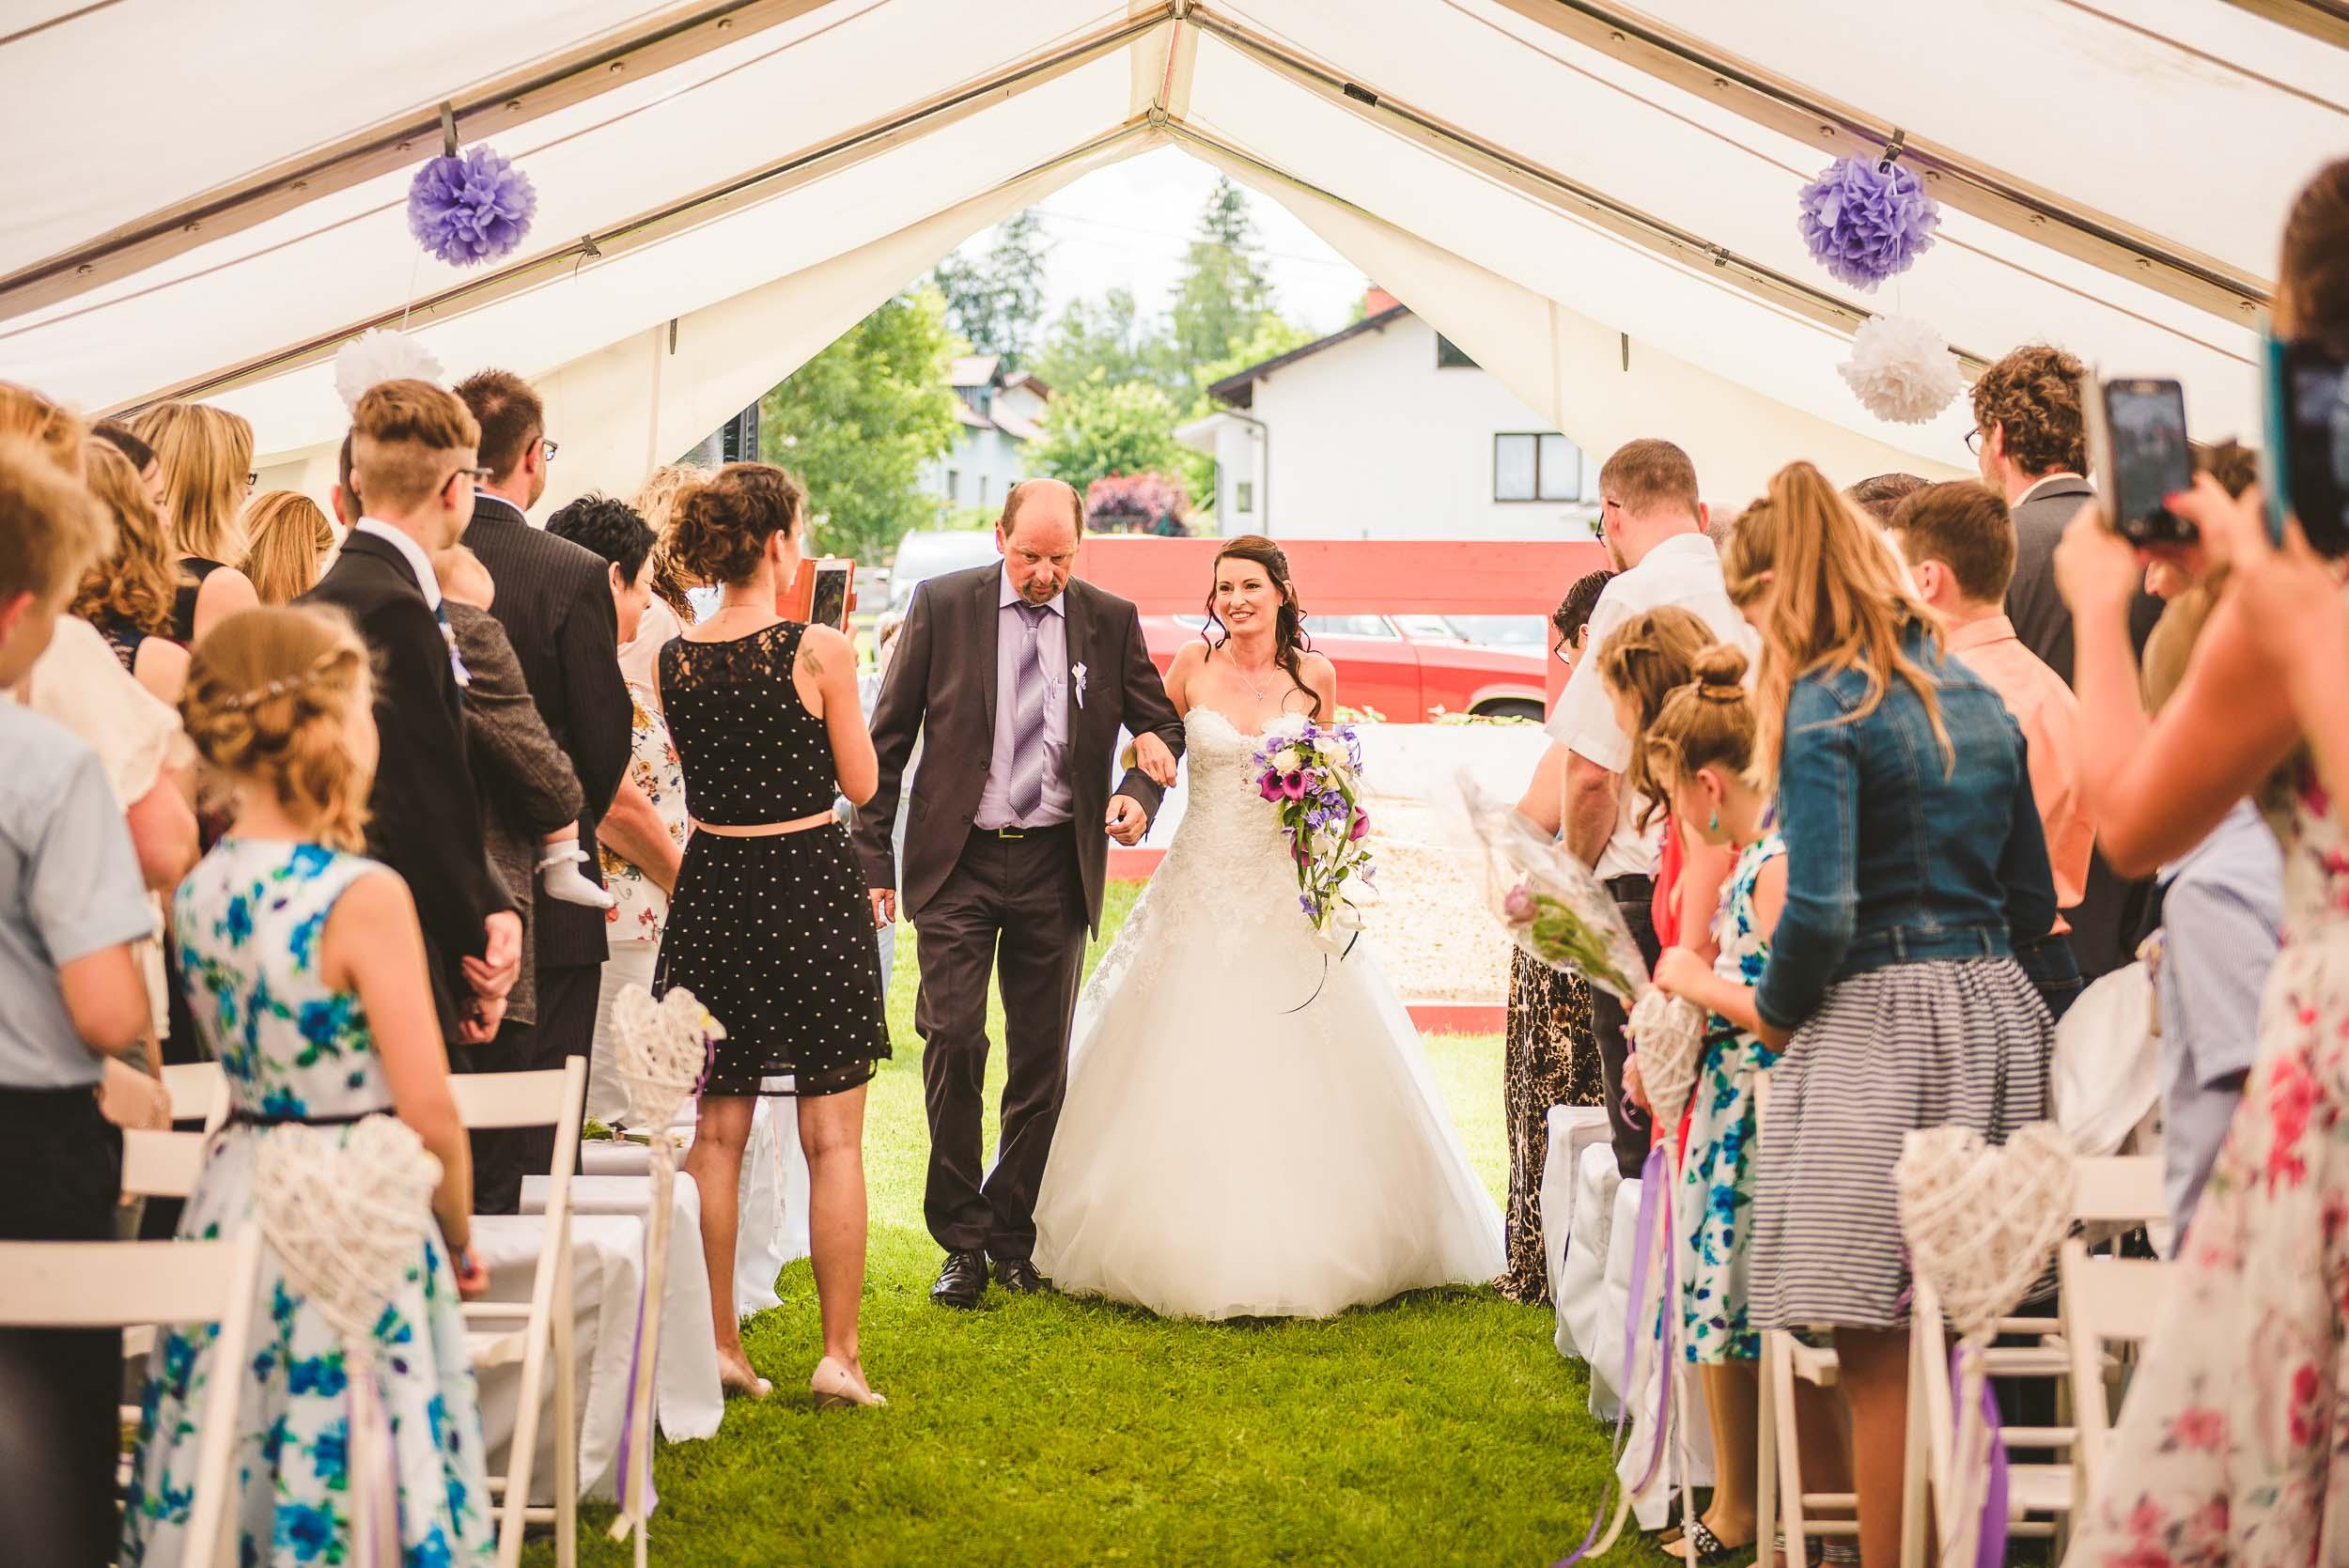 Ein Hochzeitsfoto wie es nicht sein sollte - ein Grund dafür: Handys und eine Braut die dadurch sogar noch abgelenkt wirkt